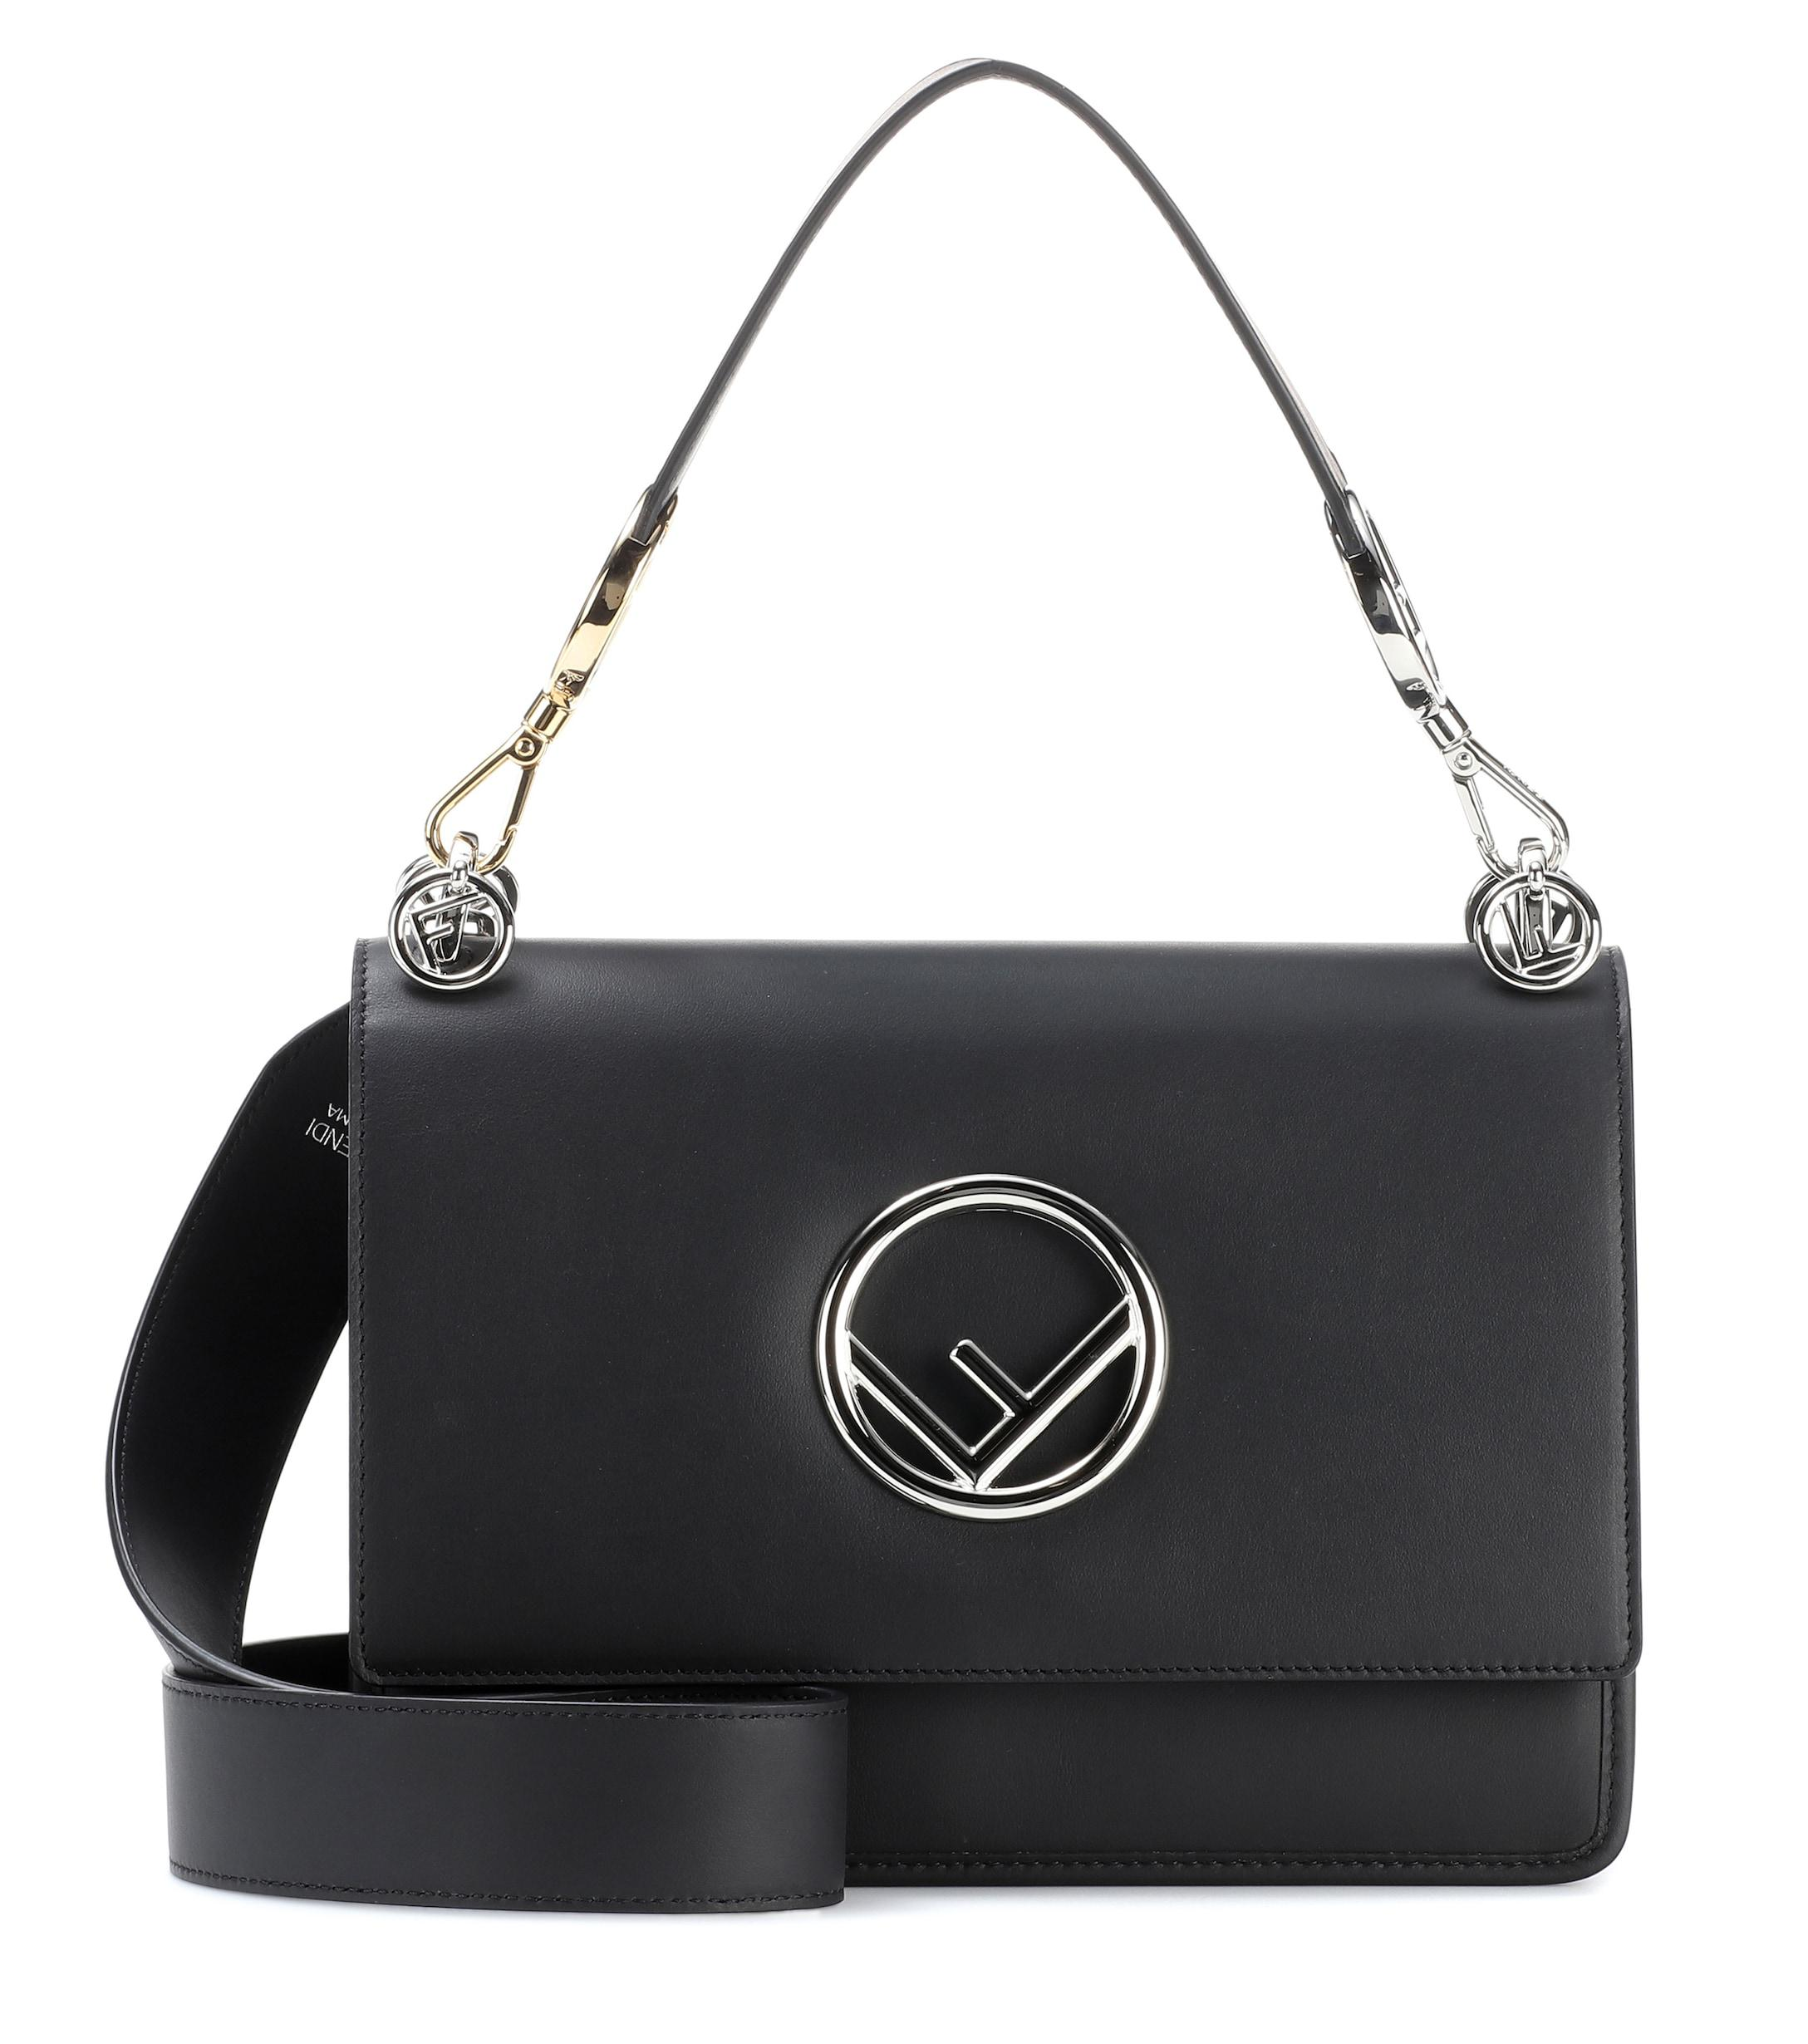 dc8d57fbb5c Fendi Kan I F Leather Shoulder Bag in Black - Lyst